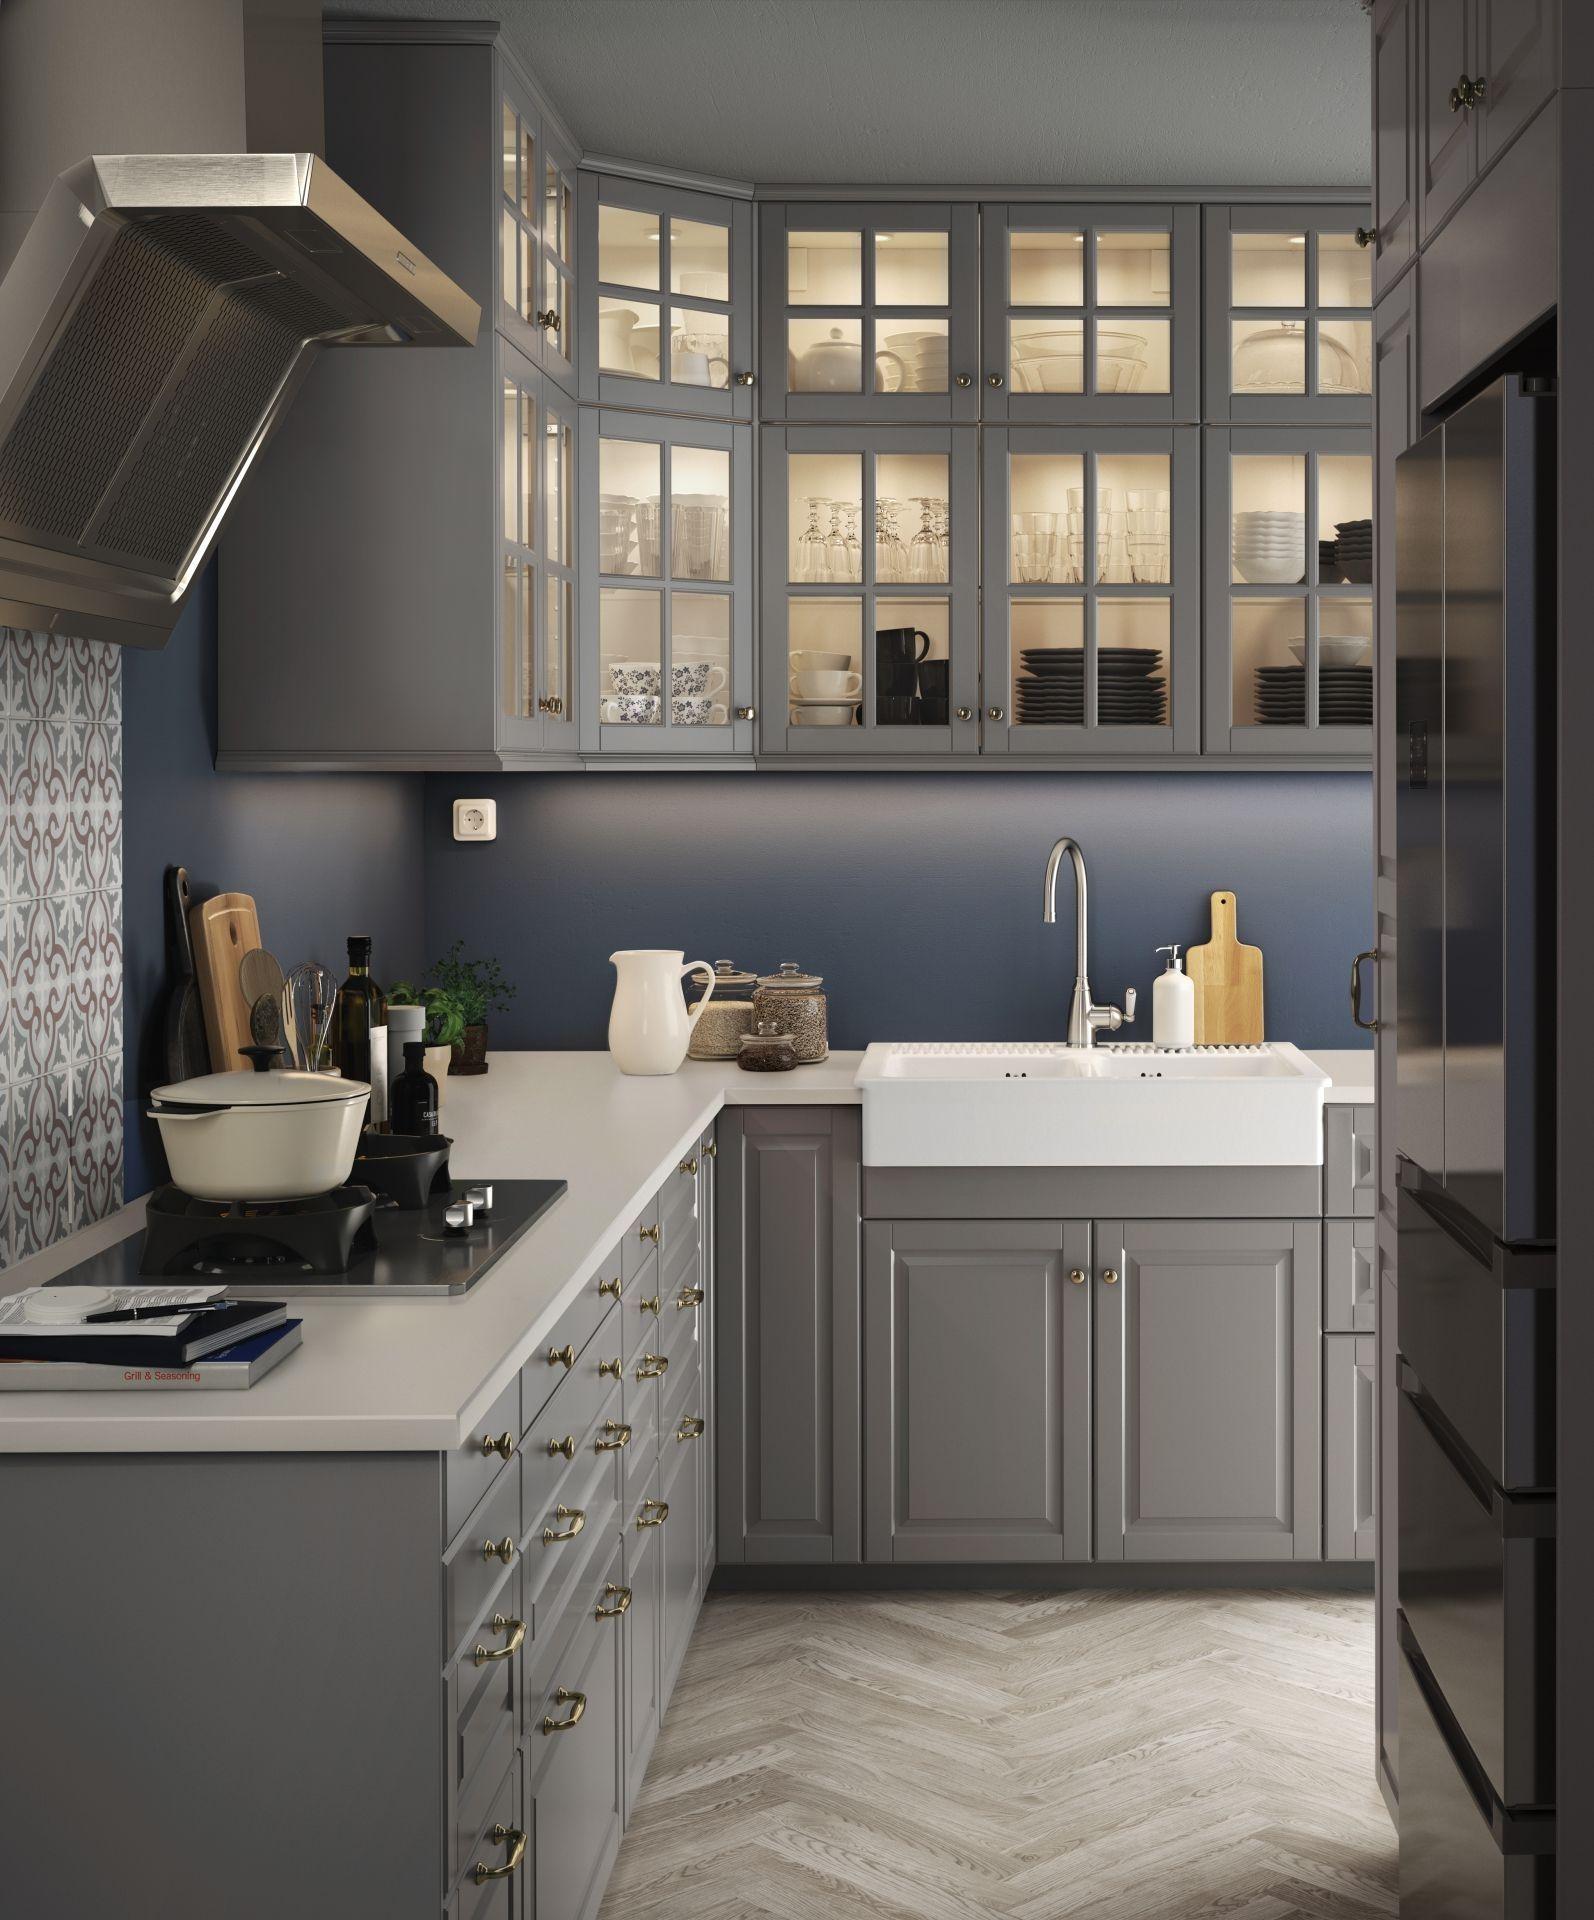 Bodn Deur Grijs Home Decor Pinterest Ikea Cabinets Hemnes ...